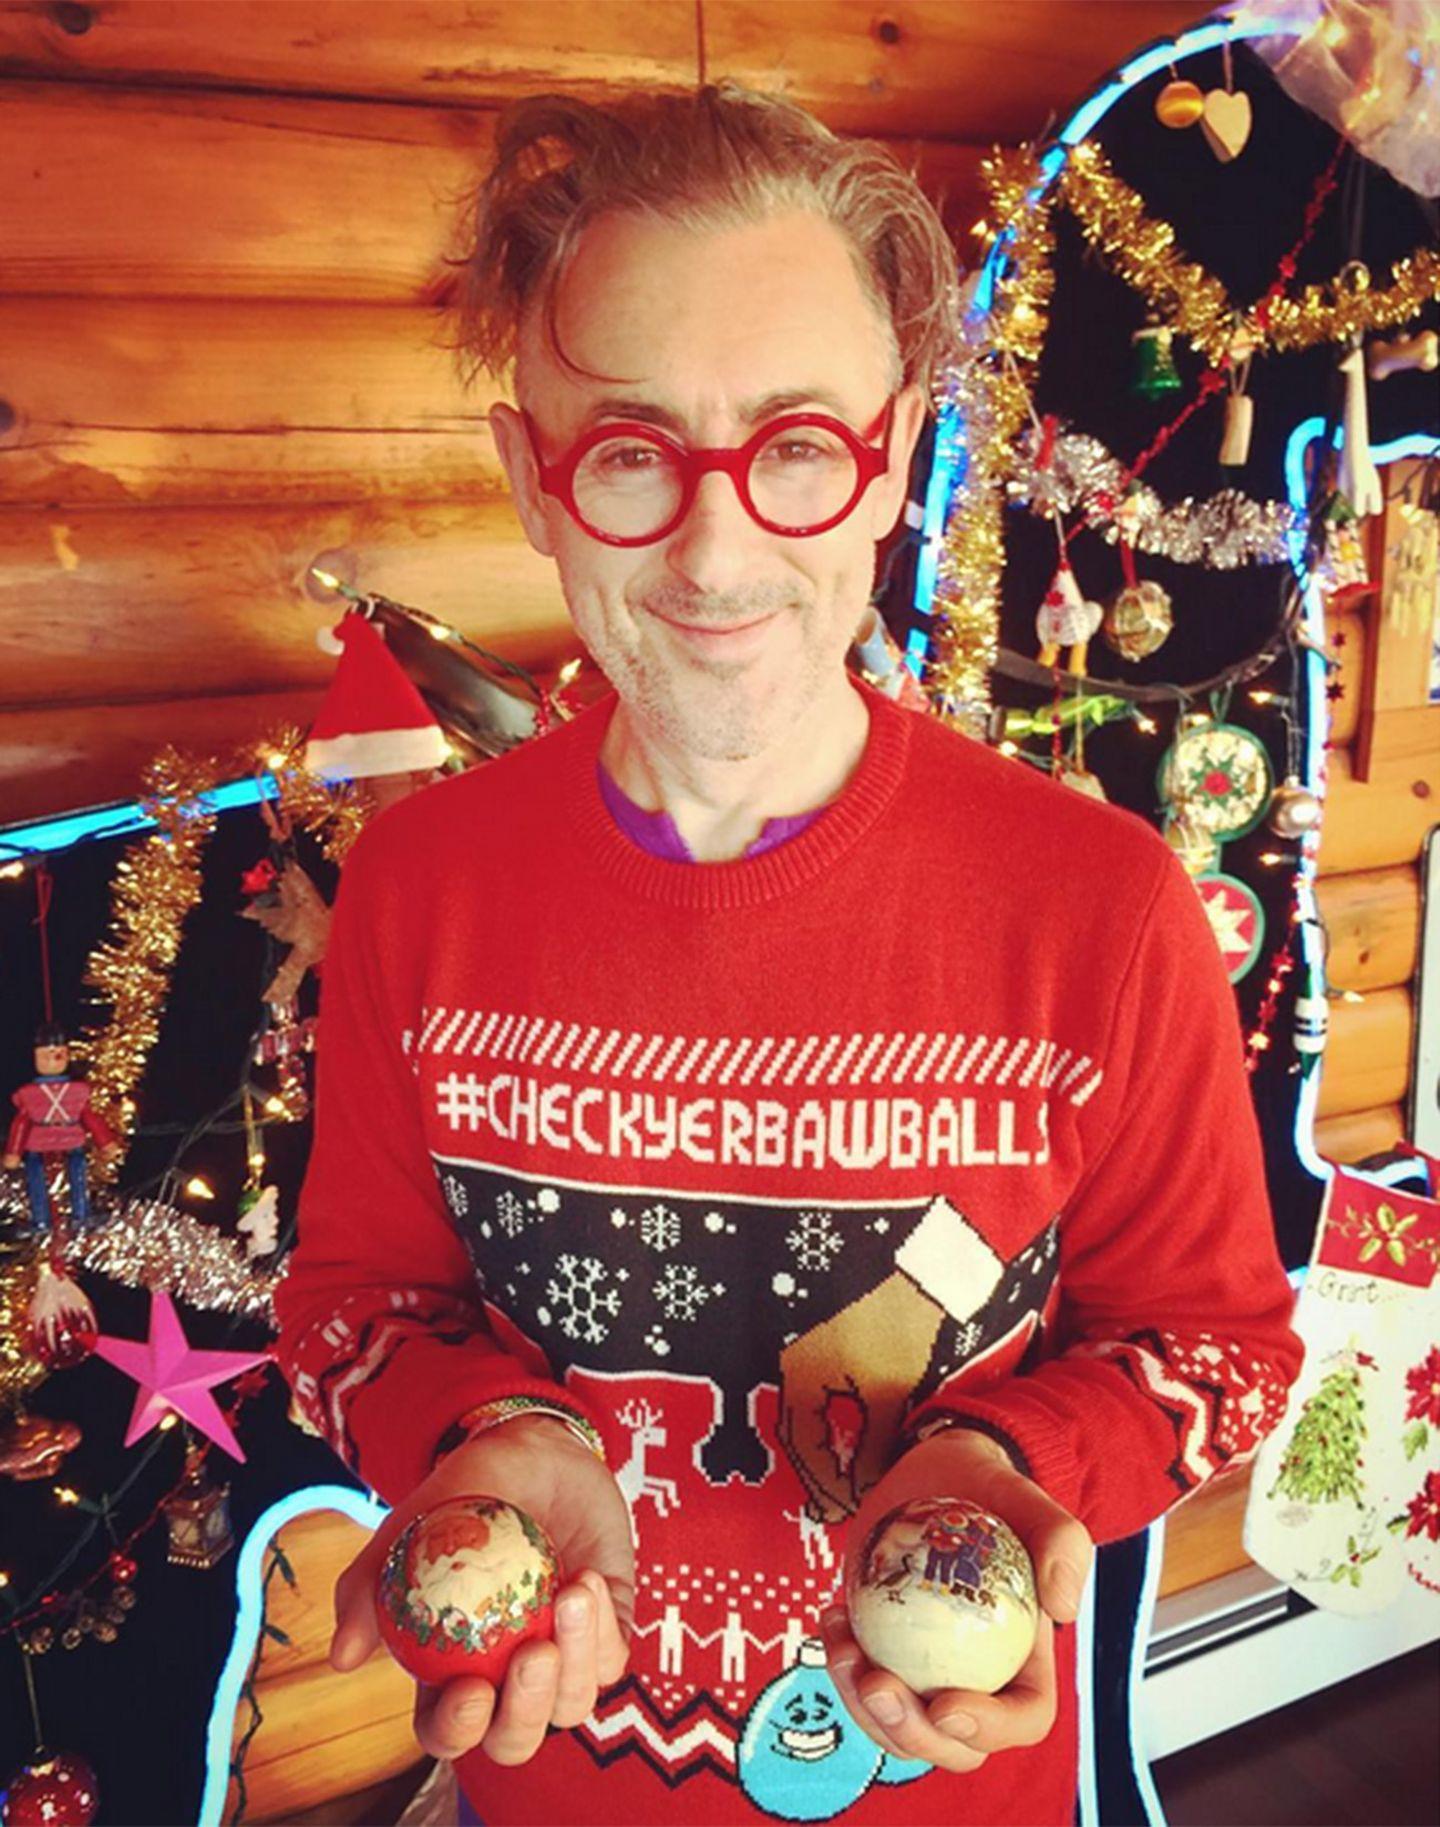 Alan Cumming macht mit seinem X-Mas-Sweater noch auf eine sehr wichtige Sache aufmerksam: Hodenkrebsvorsorge! Also... #checkyerbawballs